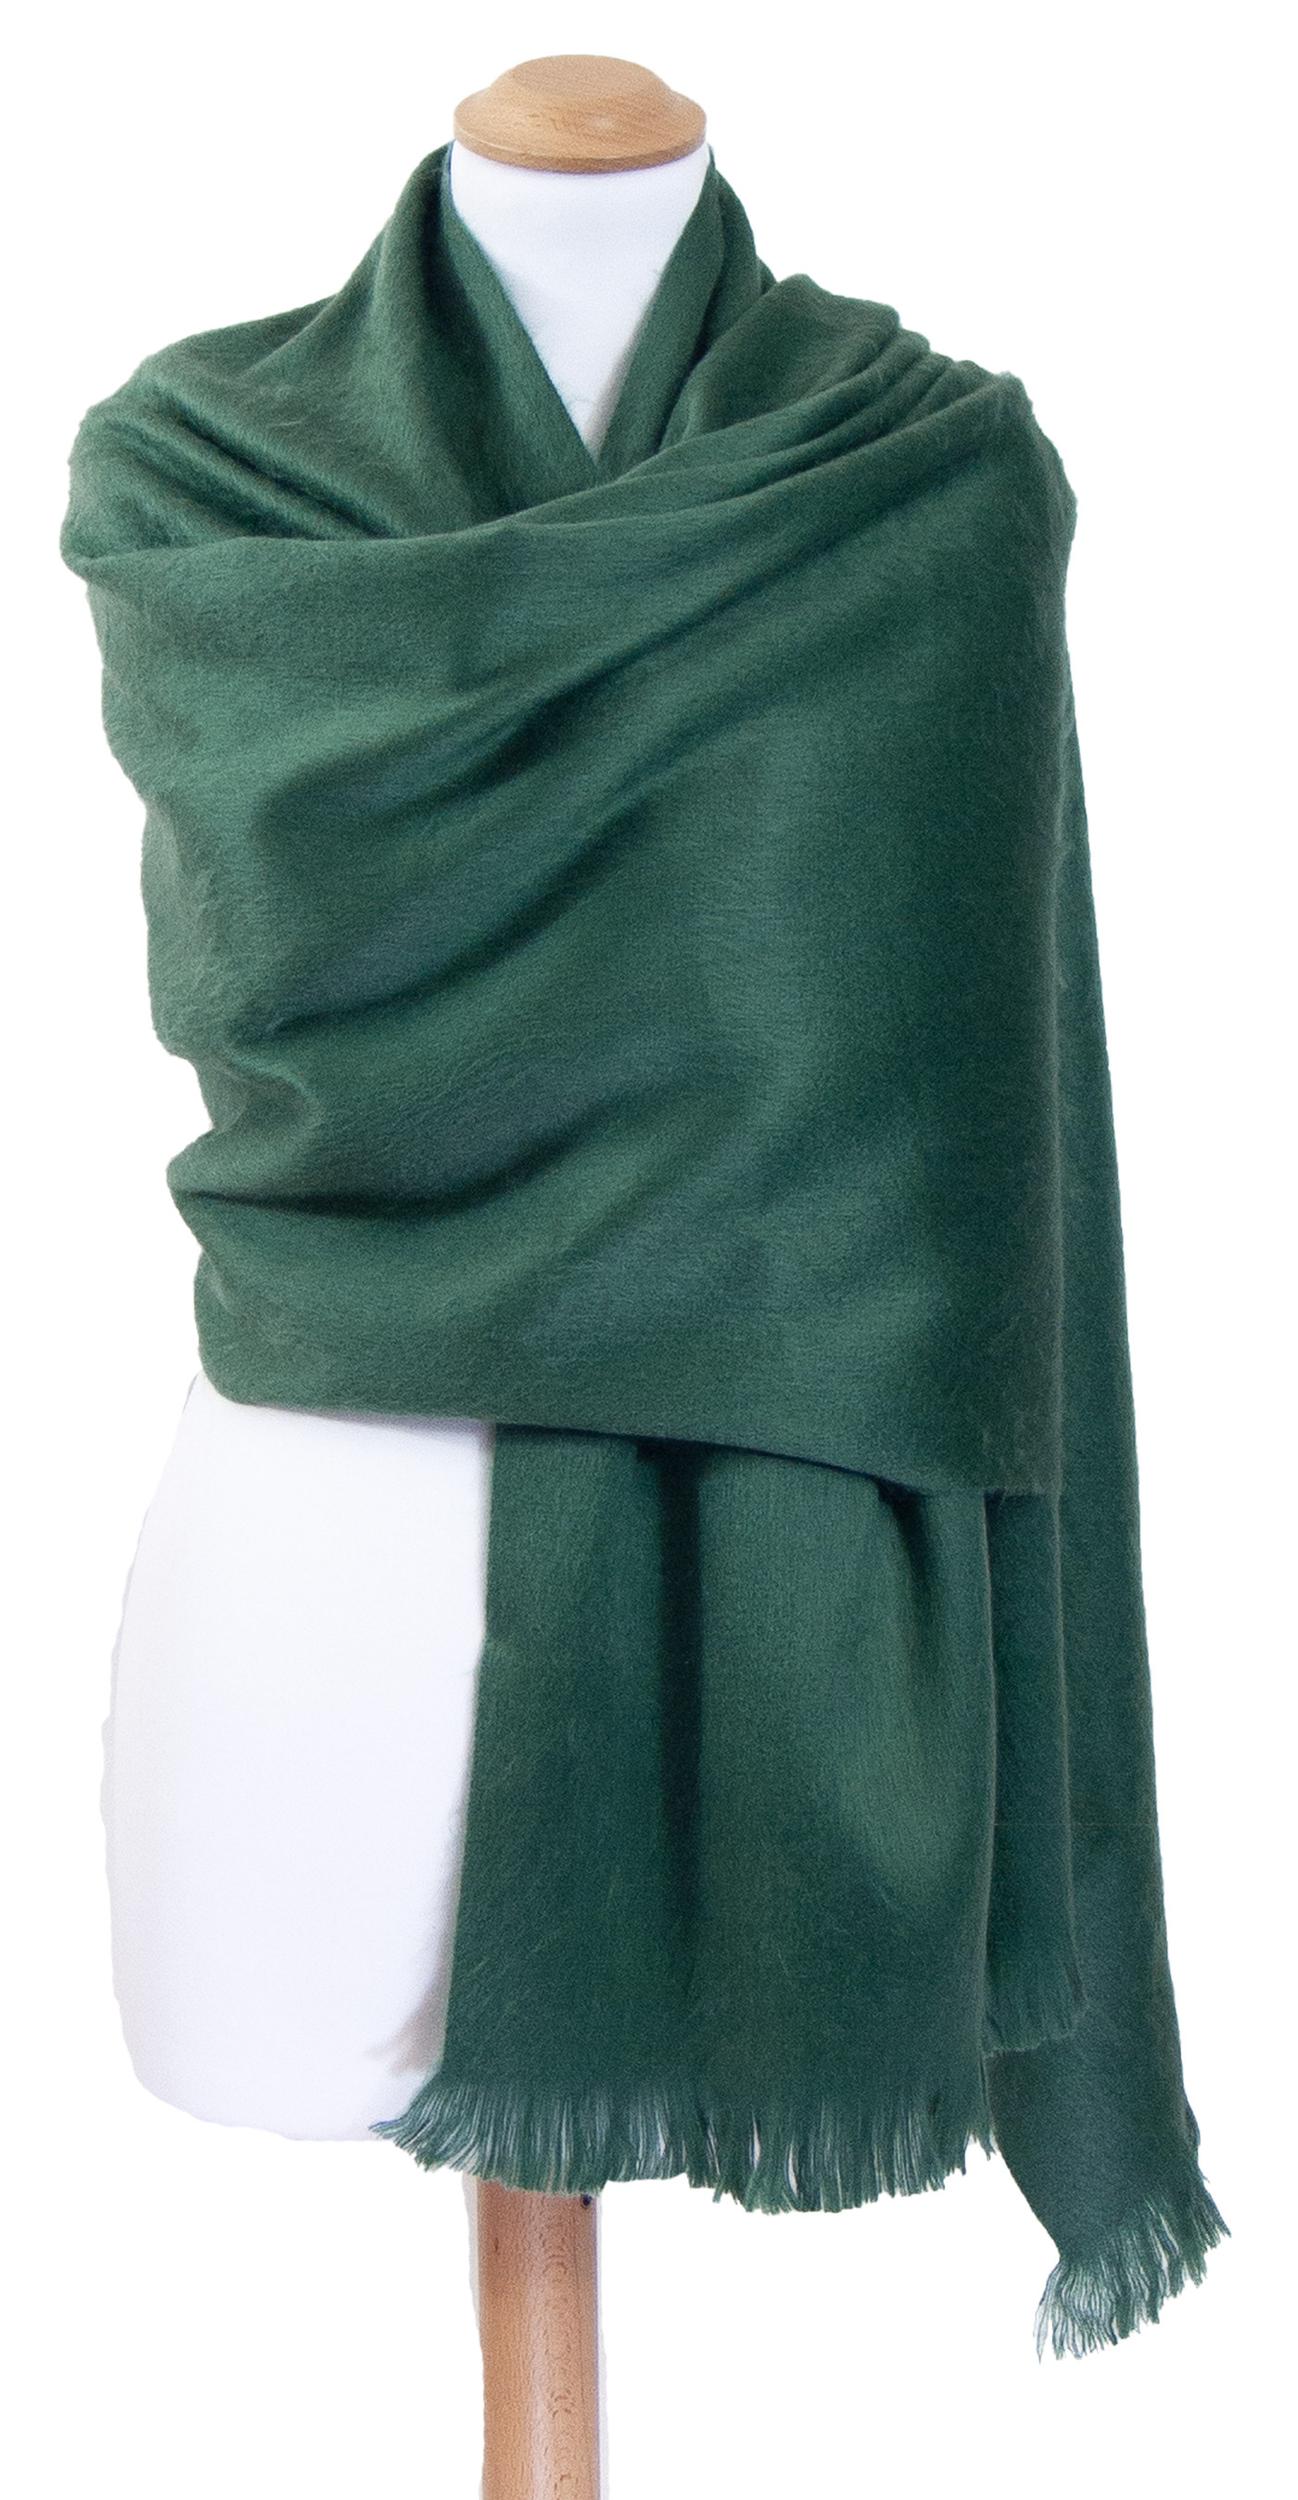 Châle en laine alpaga vert